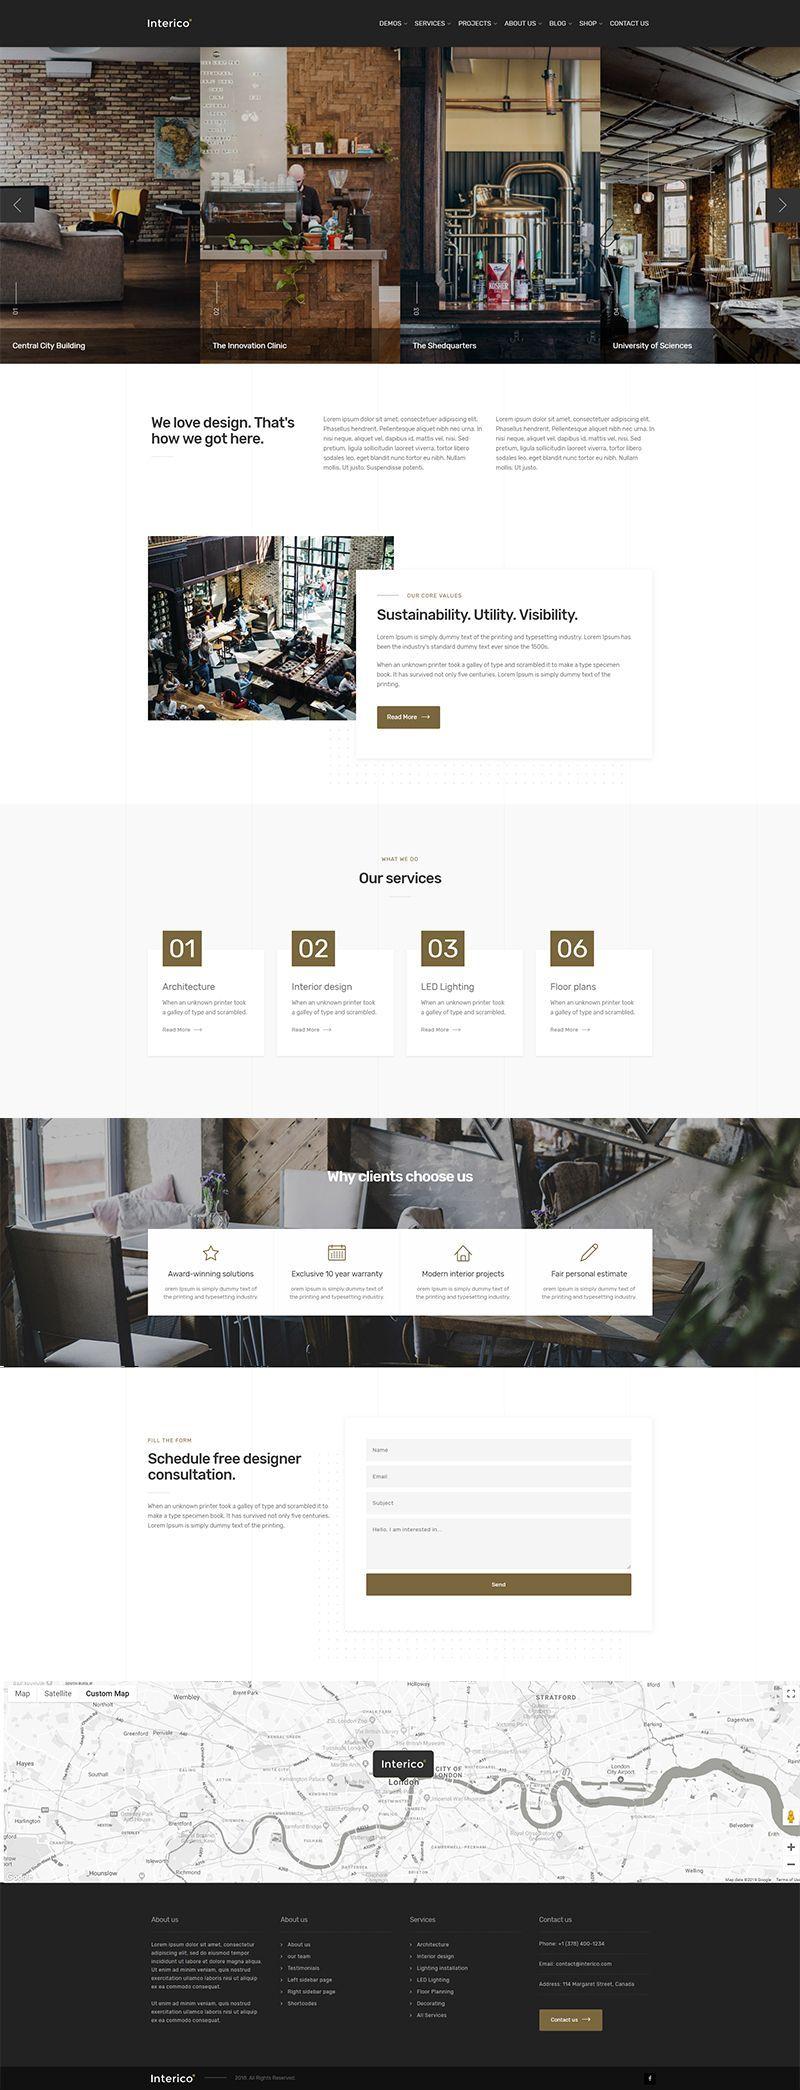 room design website on Interico Interior Design Architecture WordPress Theme Architecture Architecture Design Kitchen Design Website